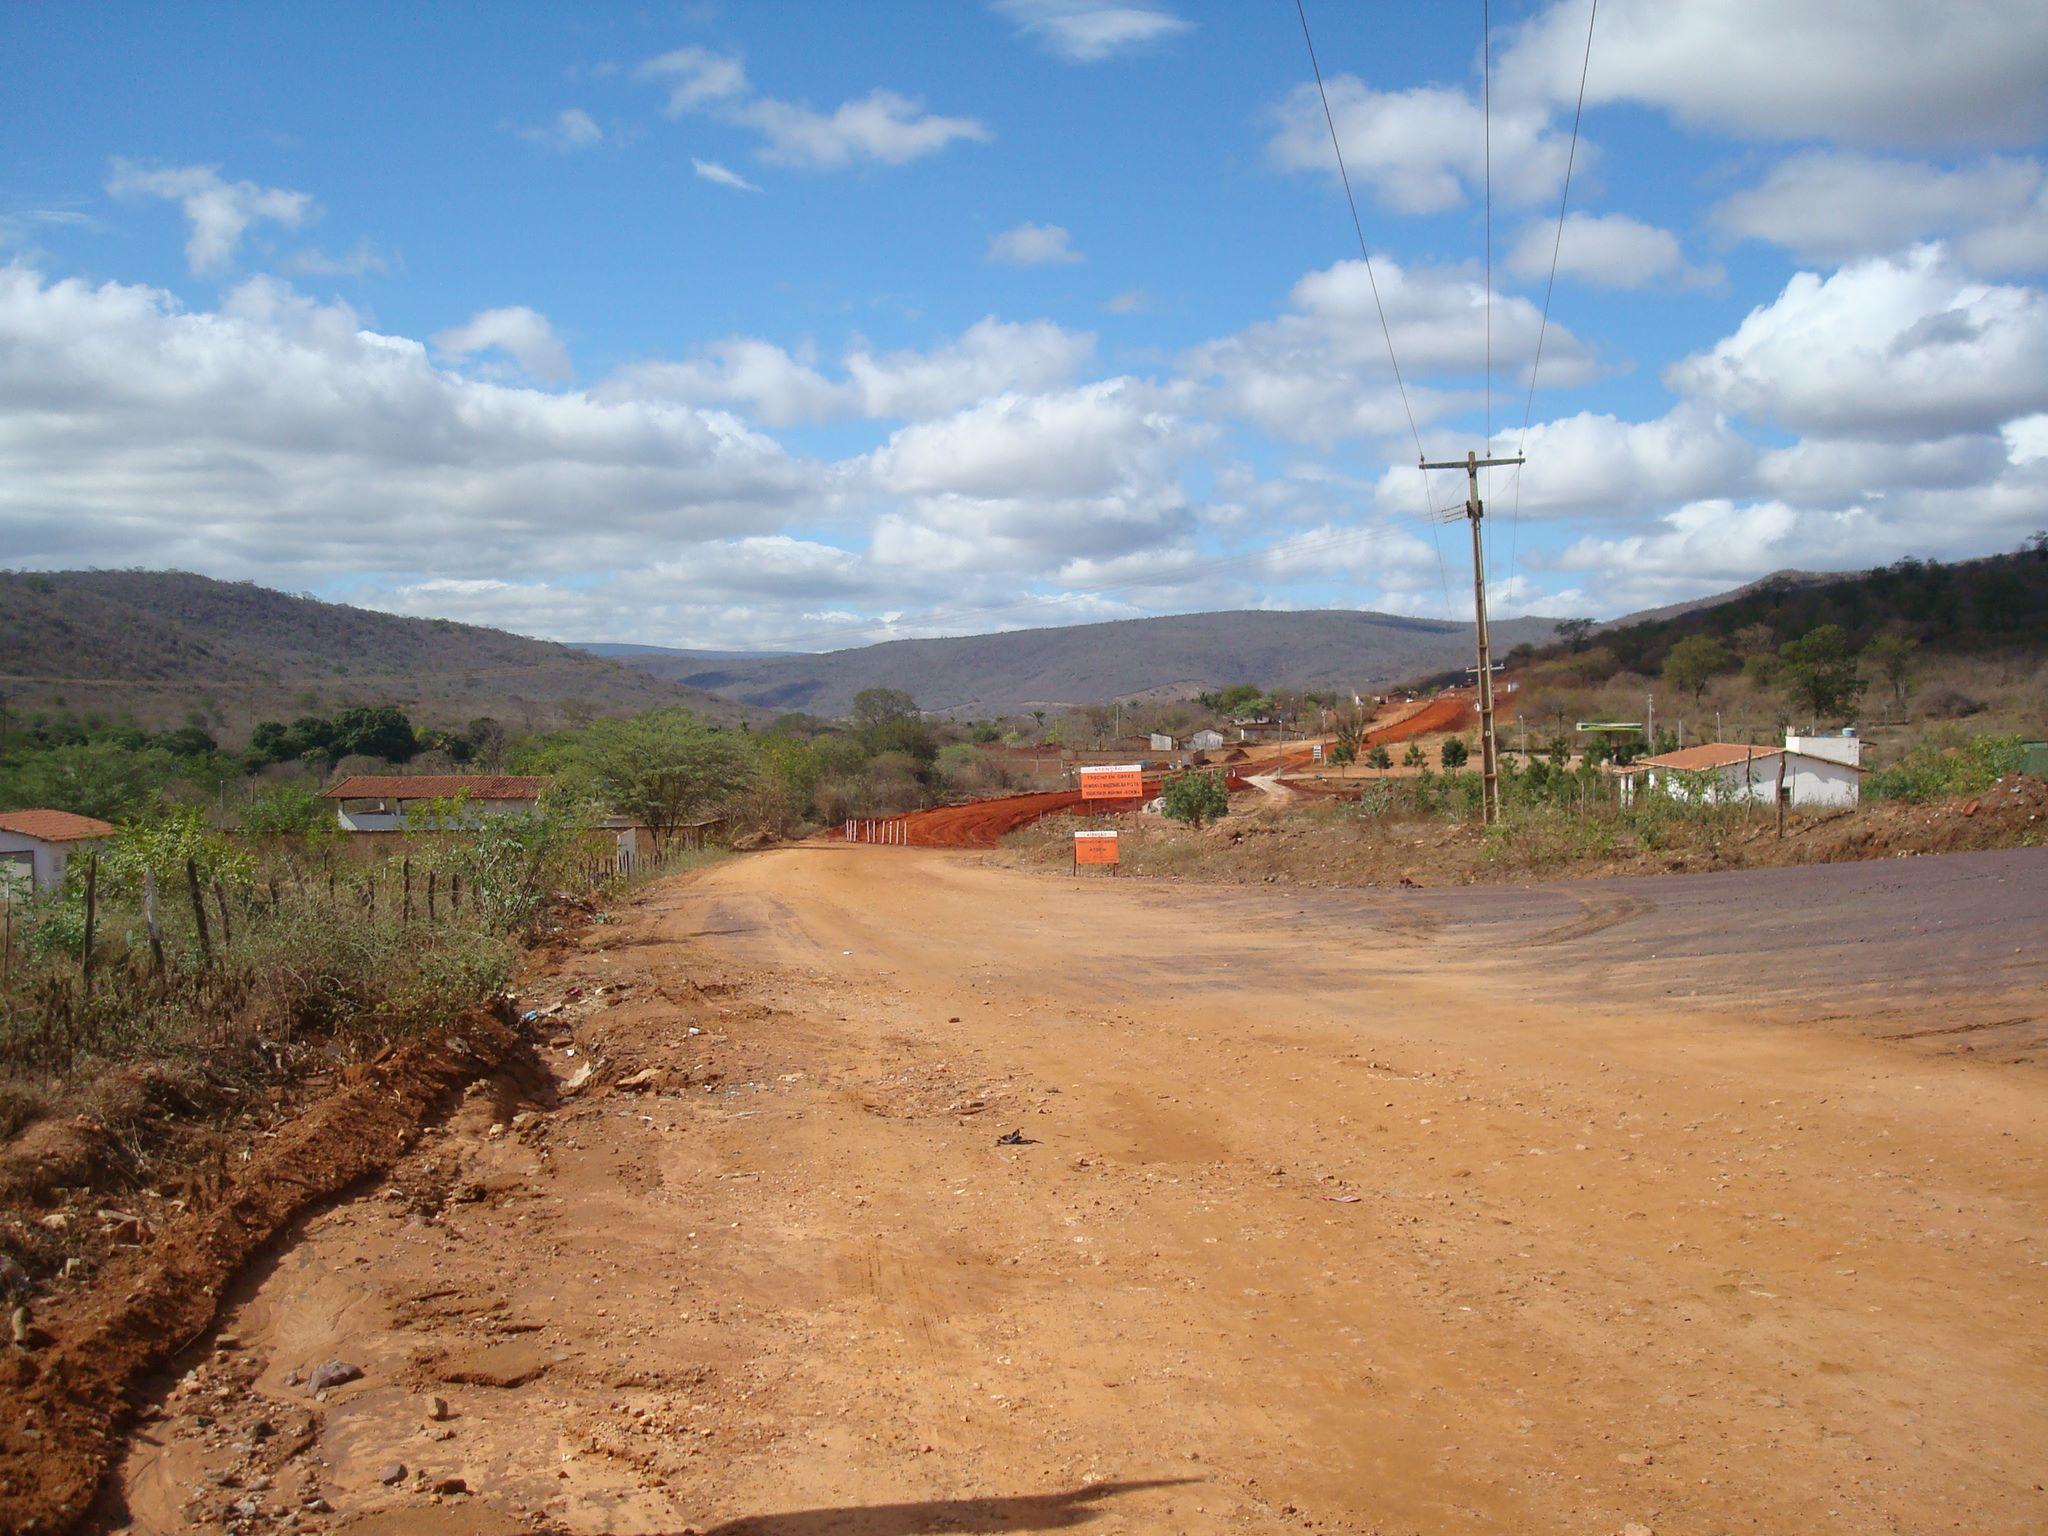 Fotos-uit-de-regio-van-Ibitiara-en-Seabra-aan-de-grote-BR-242-40